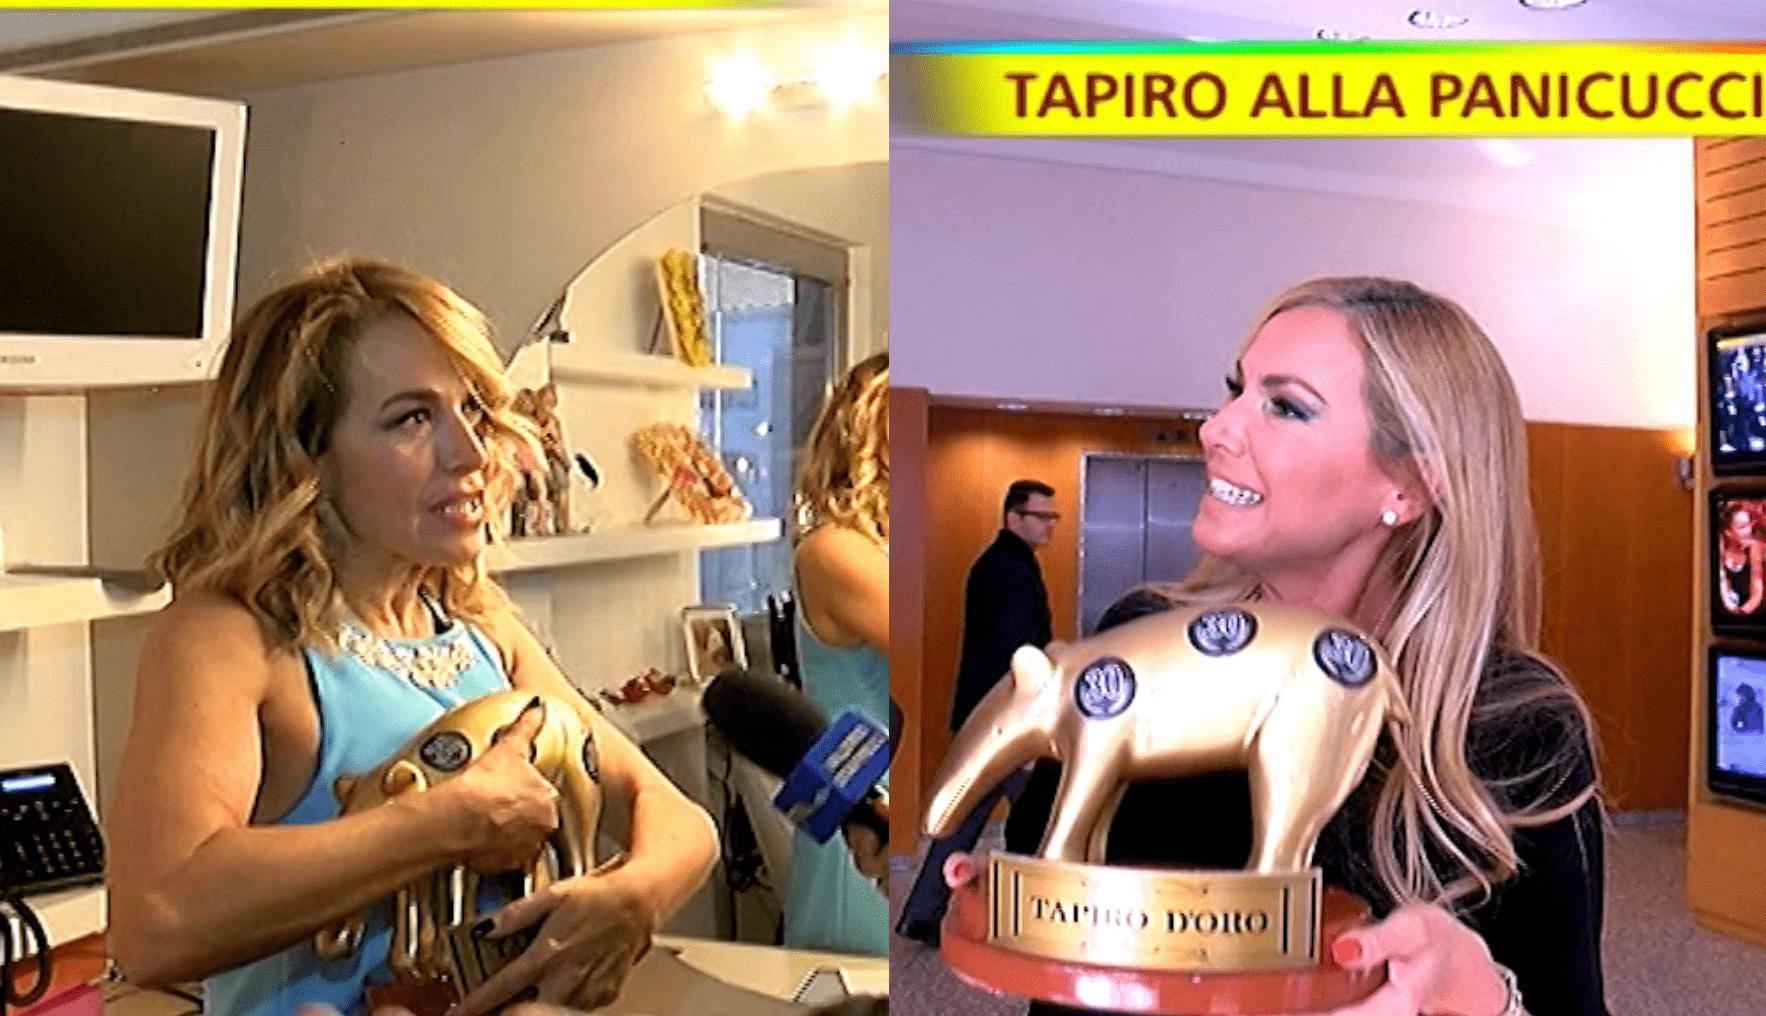 doppio tapiro d'oro federica panicucci barbara d'urso